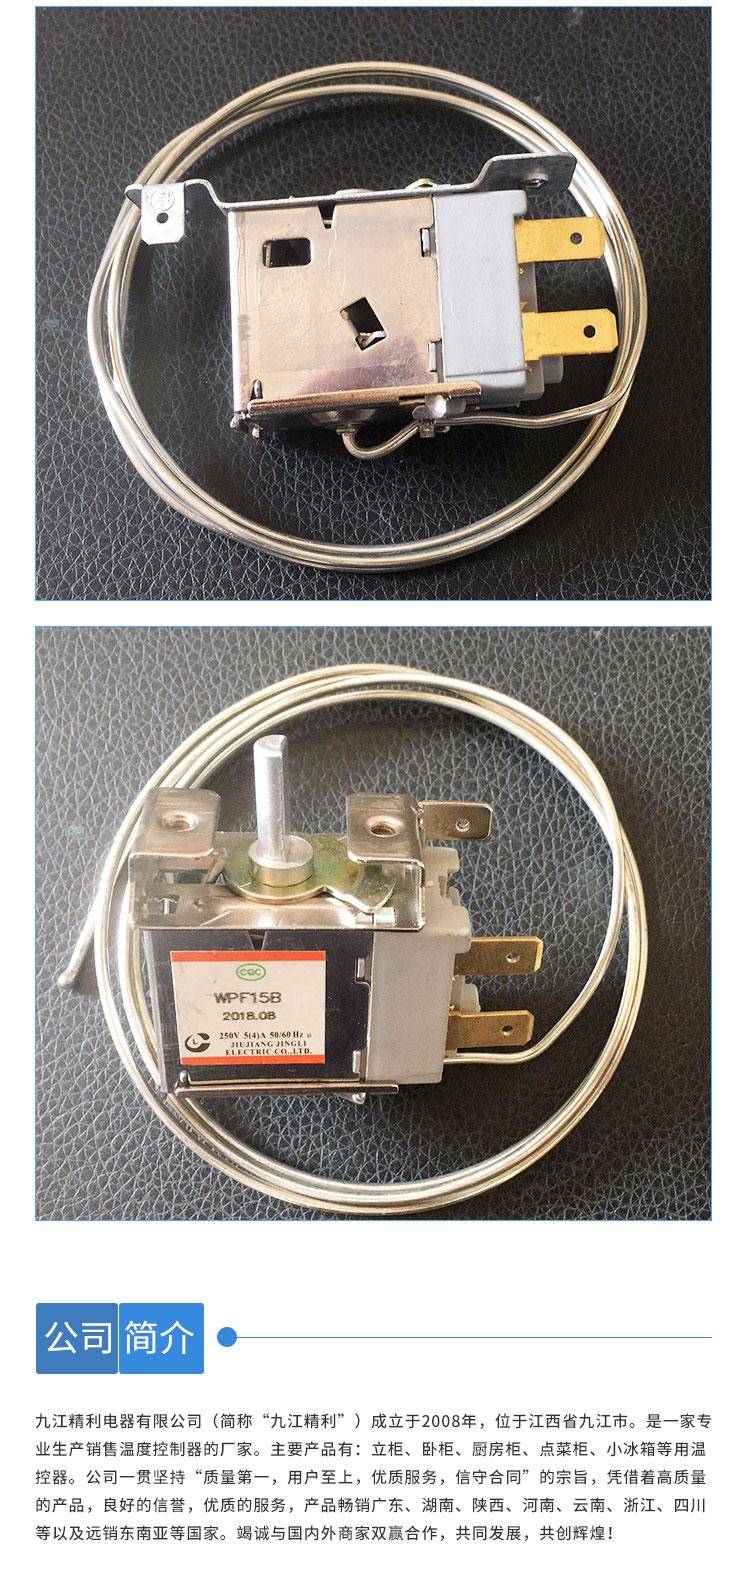 温度控制器厂家报价   厂家电话   温度控制器厂家 直供销售批发报价电话